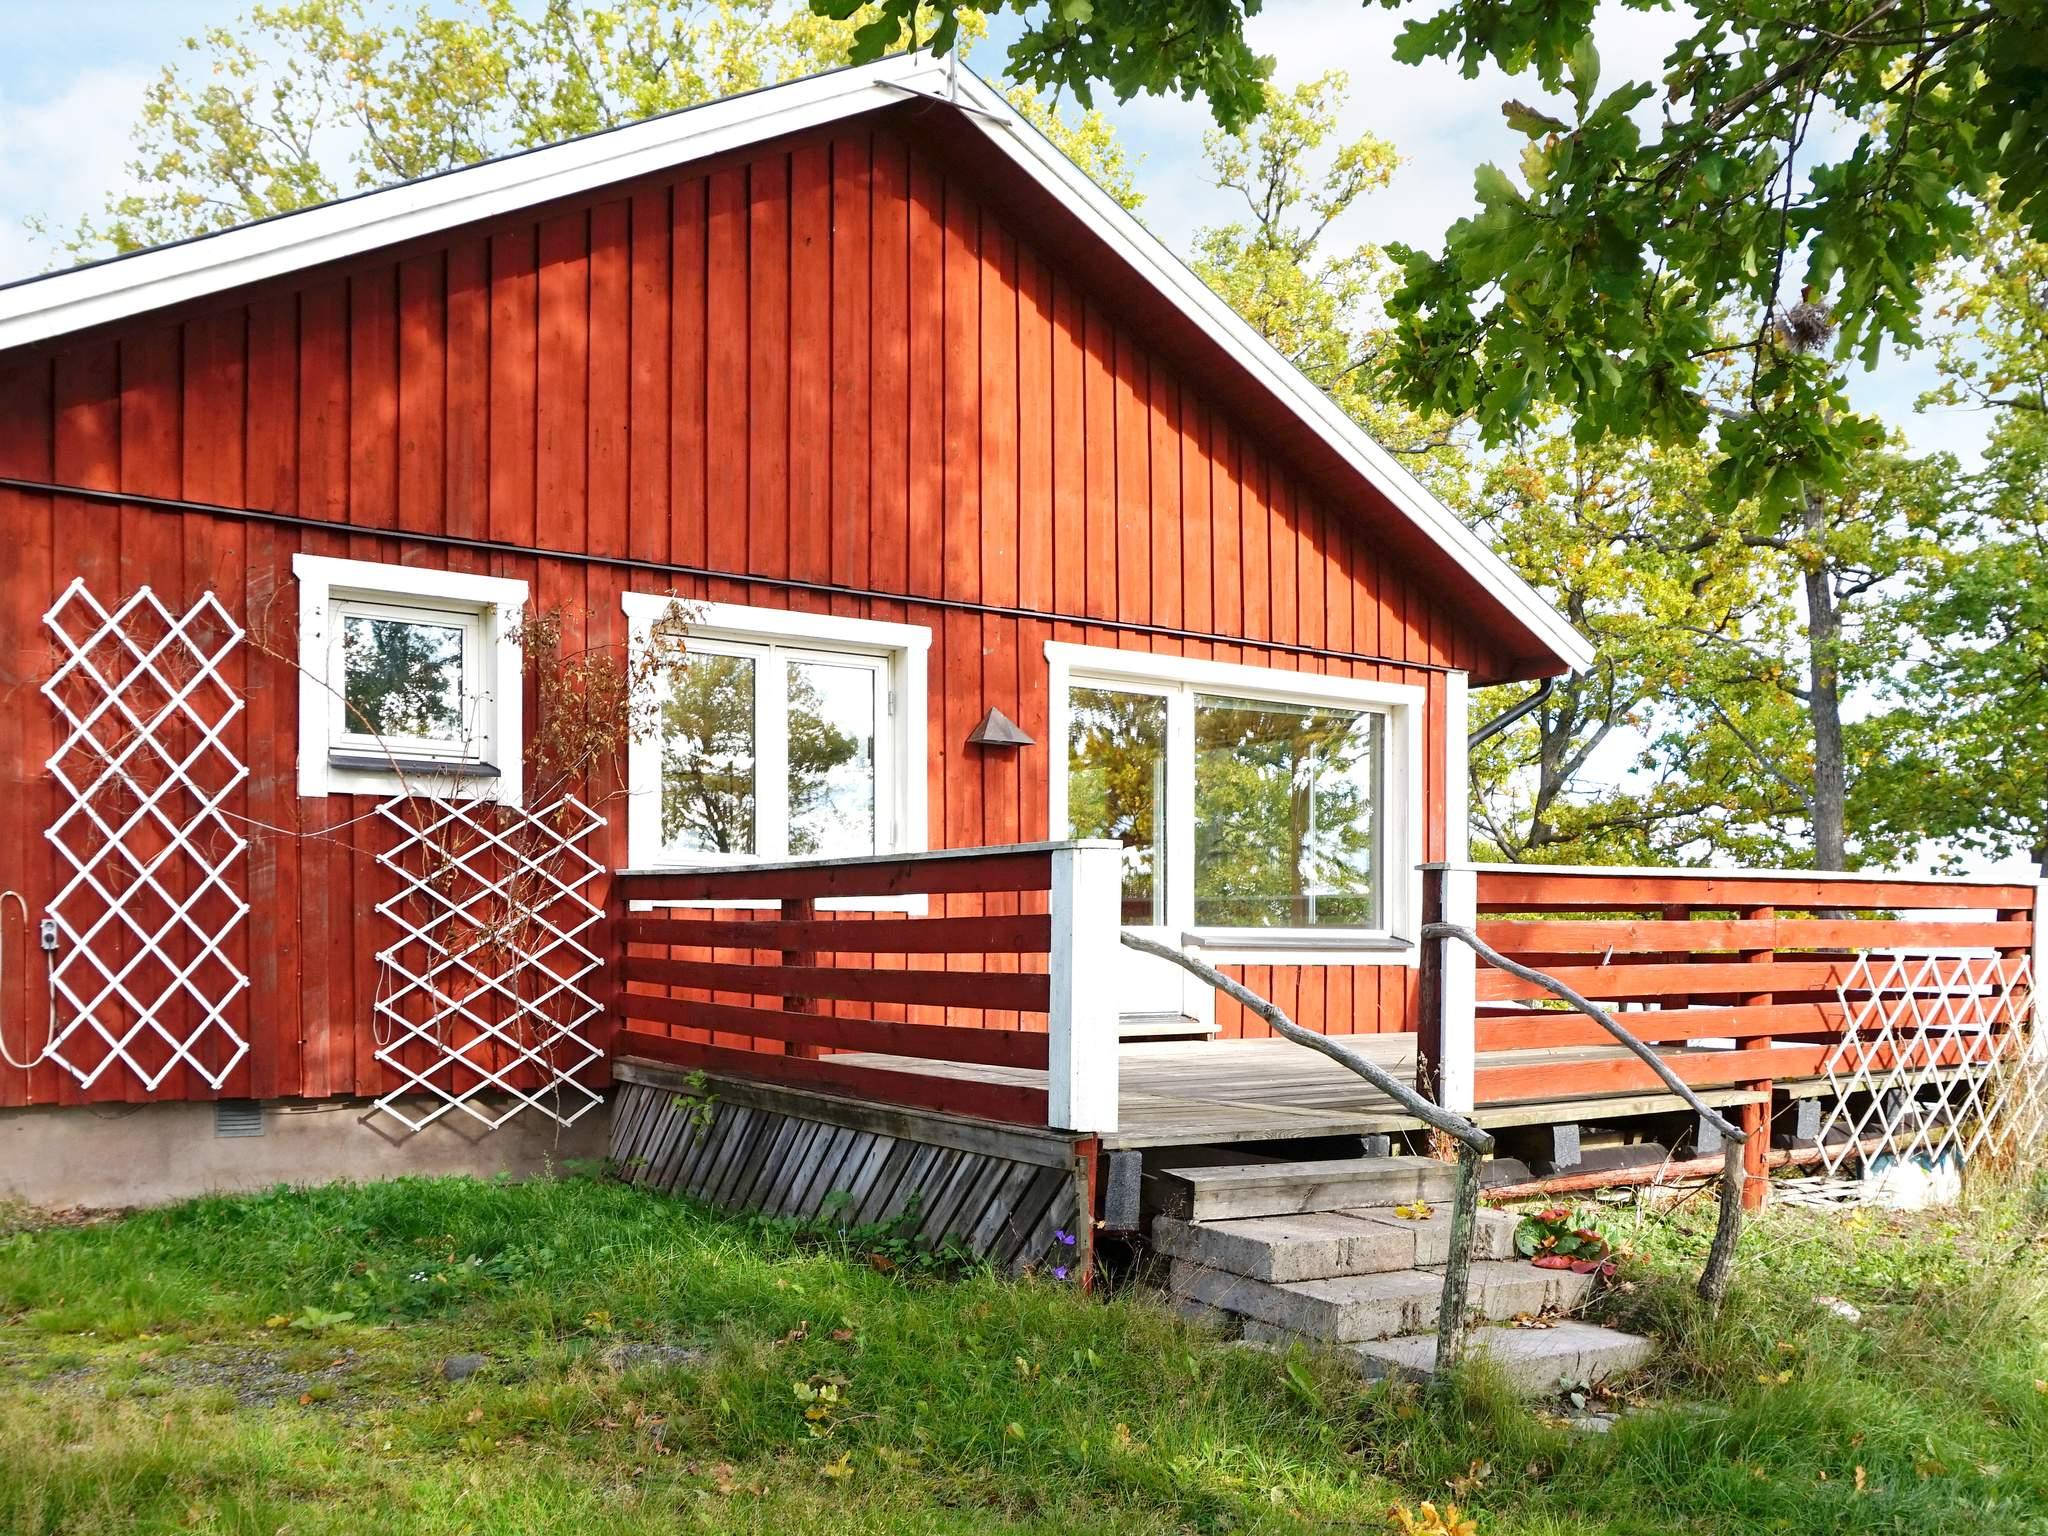 Ferienhaus Gryt (502645), Valdemarsvik, Östergötlands län, Südschweden, Schweden, Bild 15